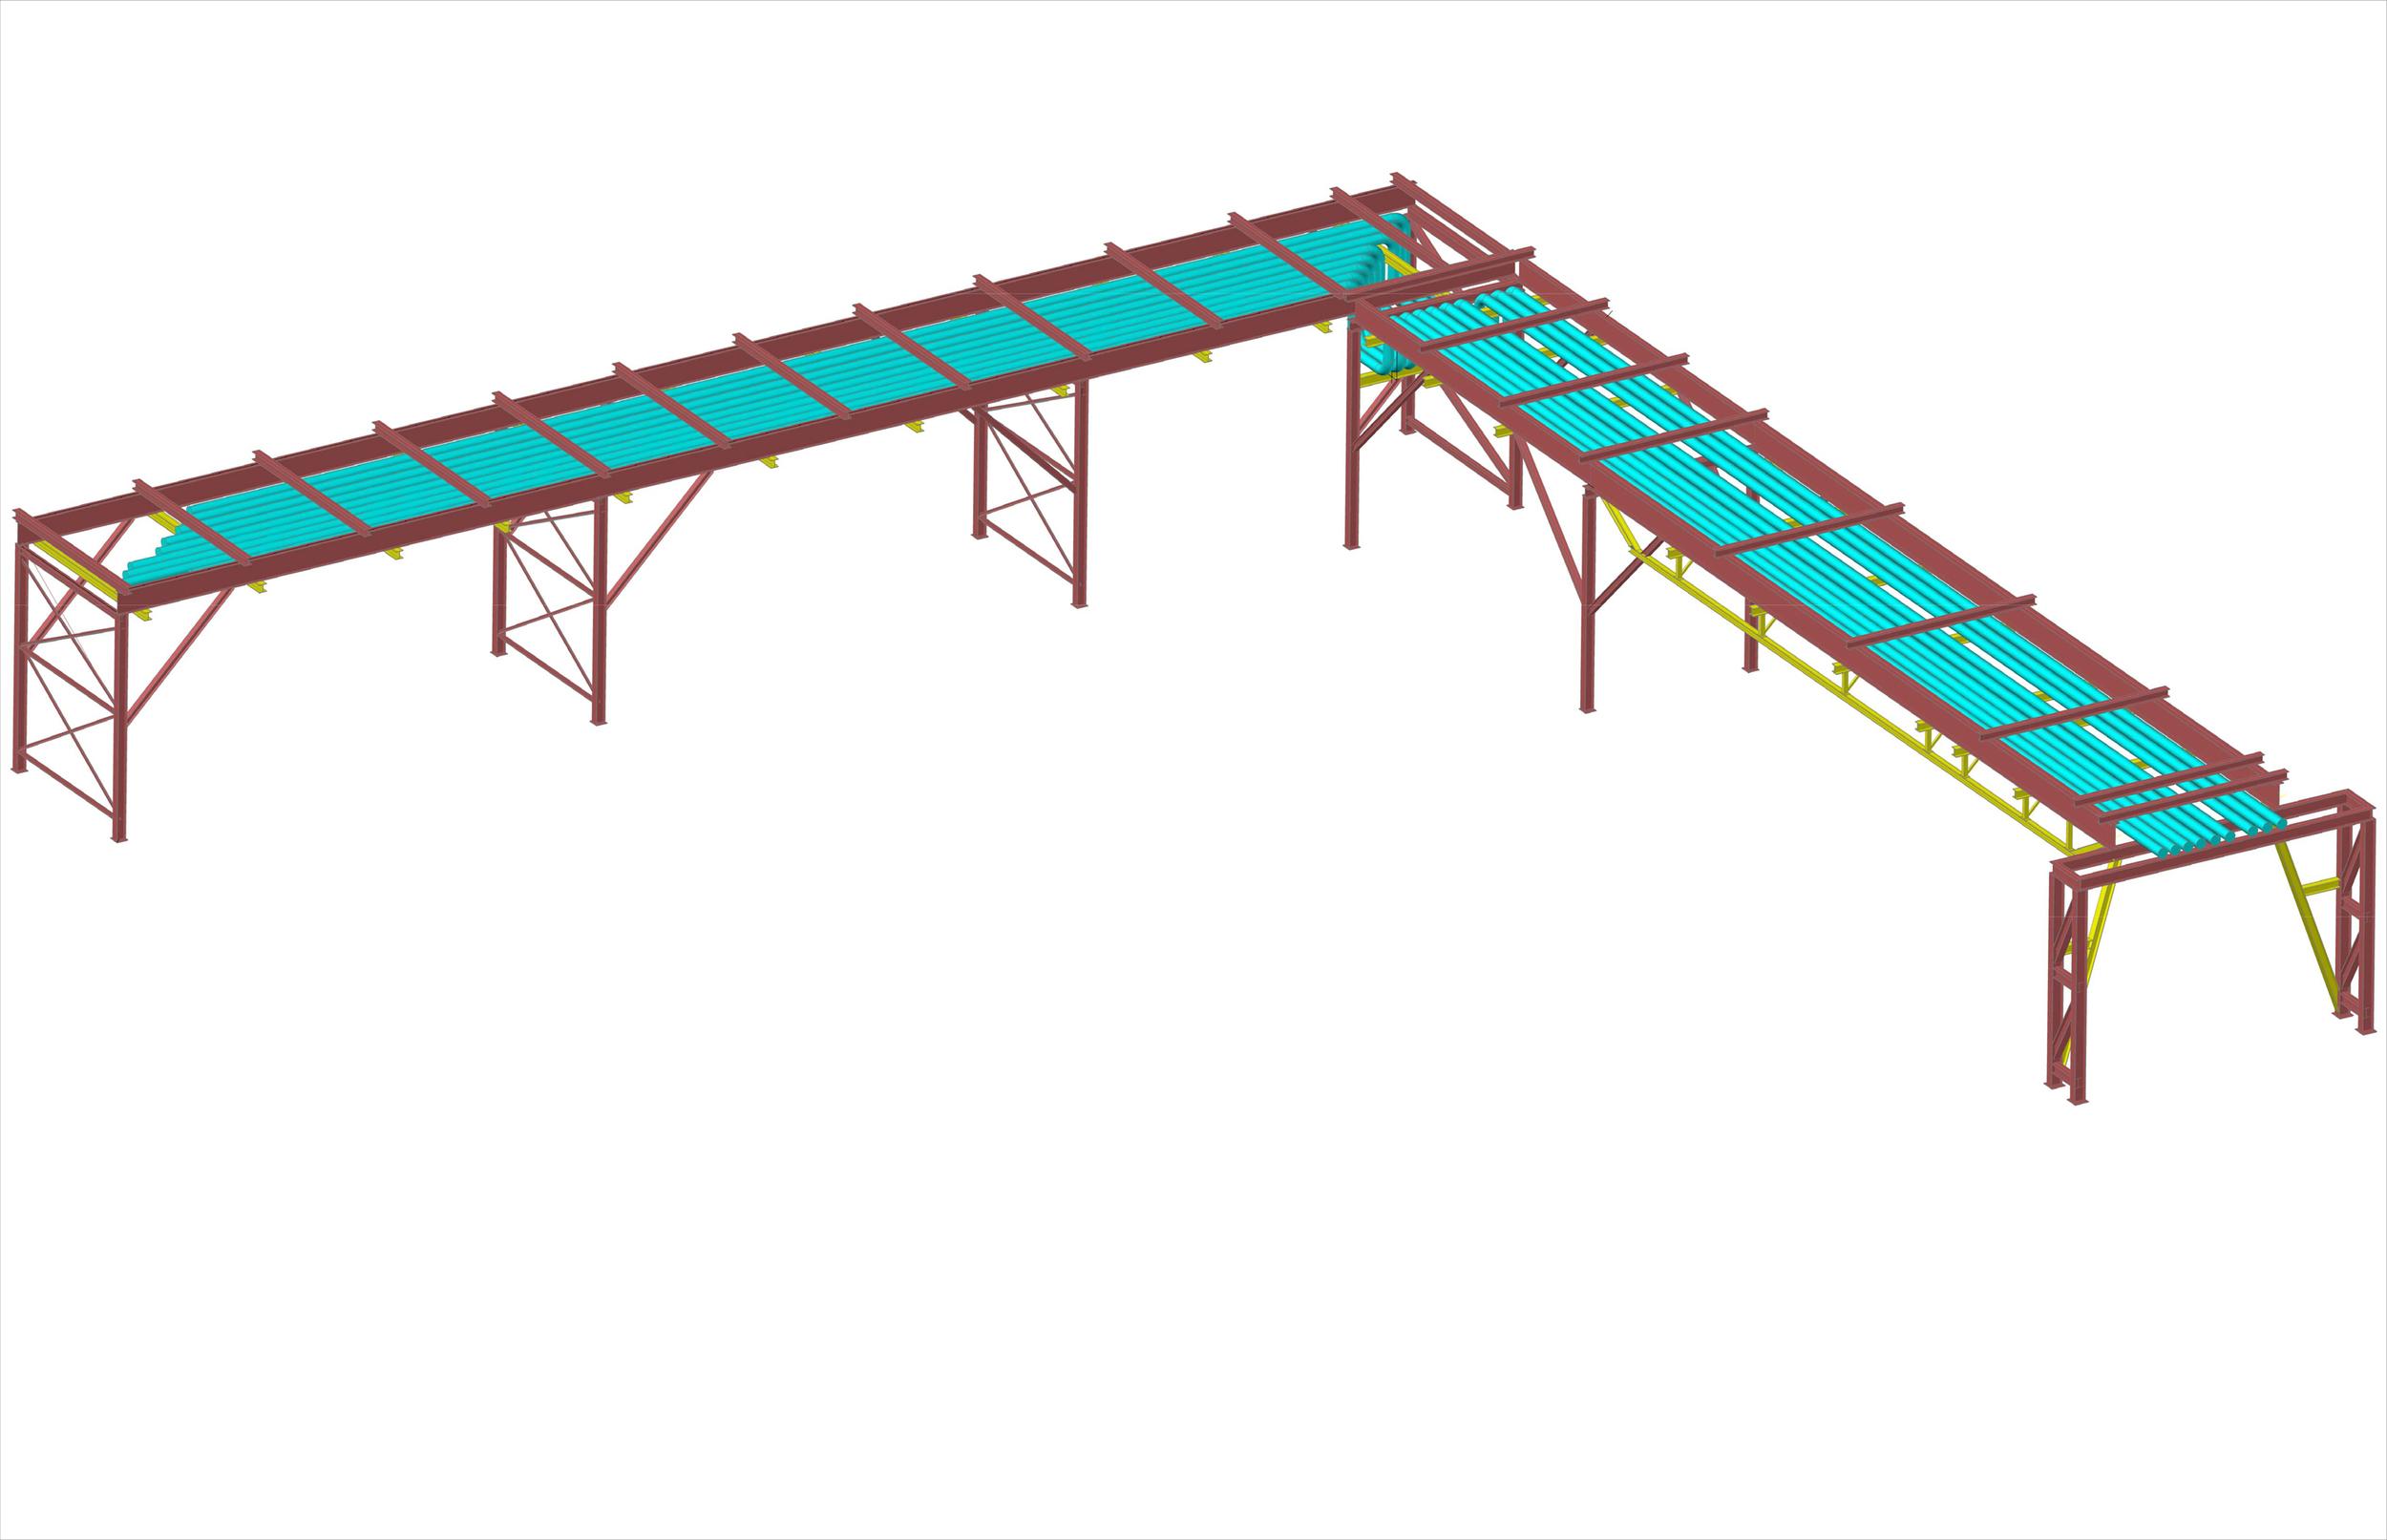 Pipe Rack - Preliminary 3D Model